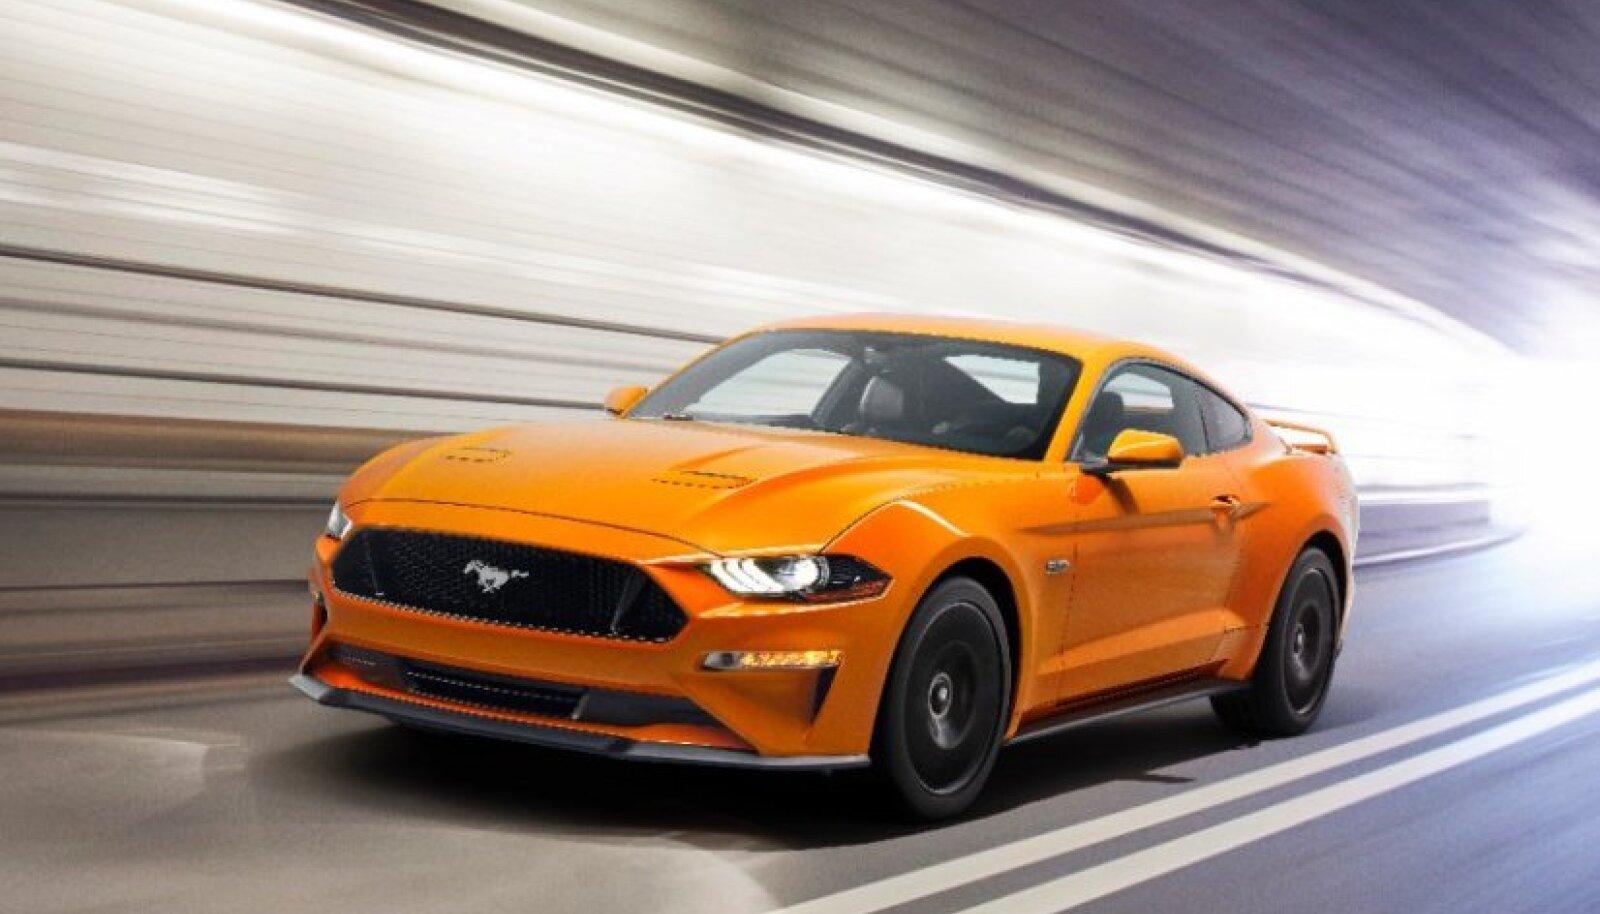 Uuenenud Ford Mustang V8 GT